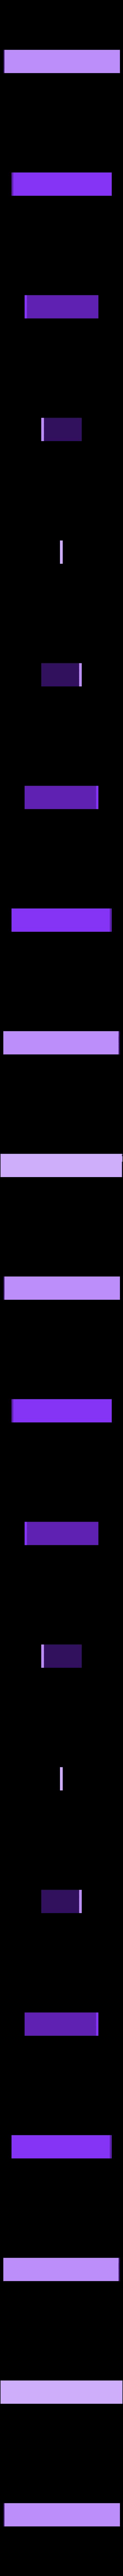 fun_sign2b_1.stl Télécharger fichier STL gratuit Ripper's London - Salon funéraire / boutique • Design pour imprimante 3D, Earsling